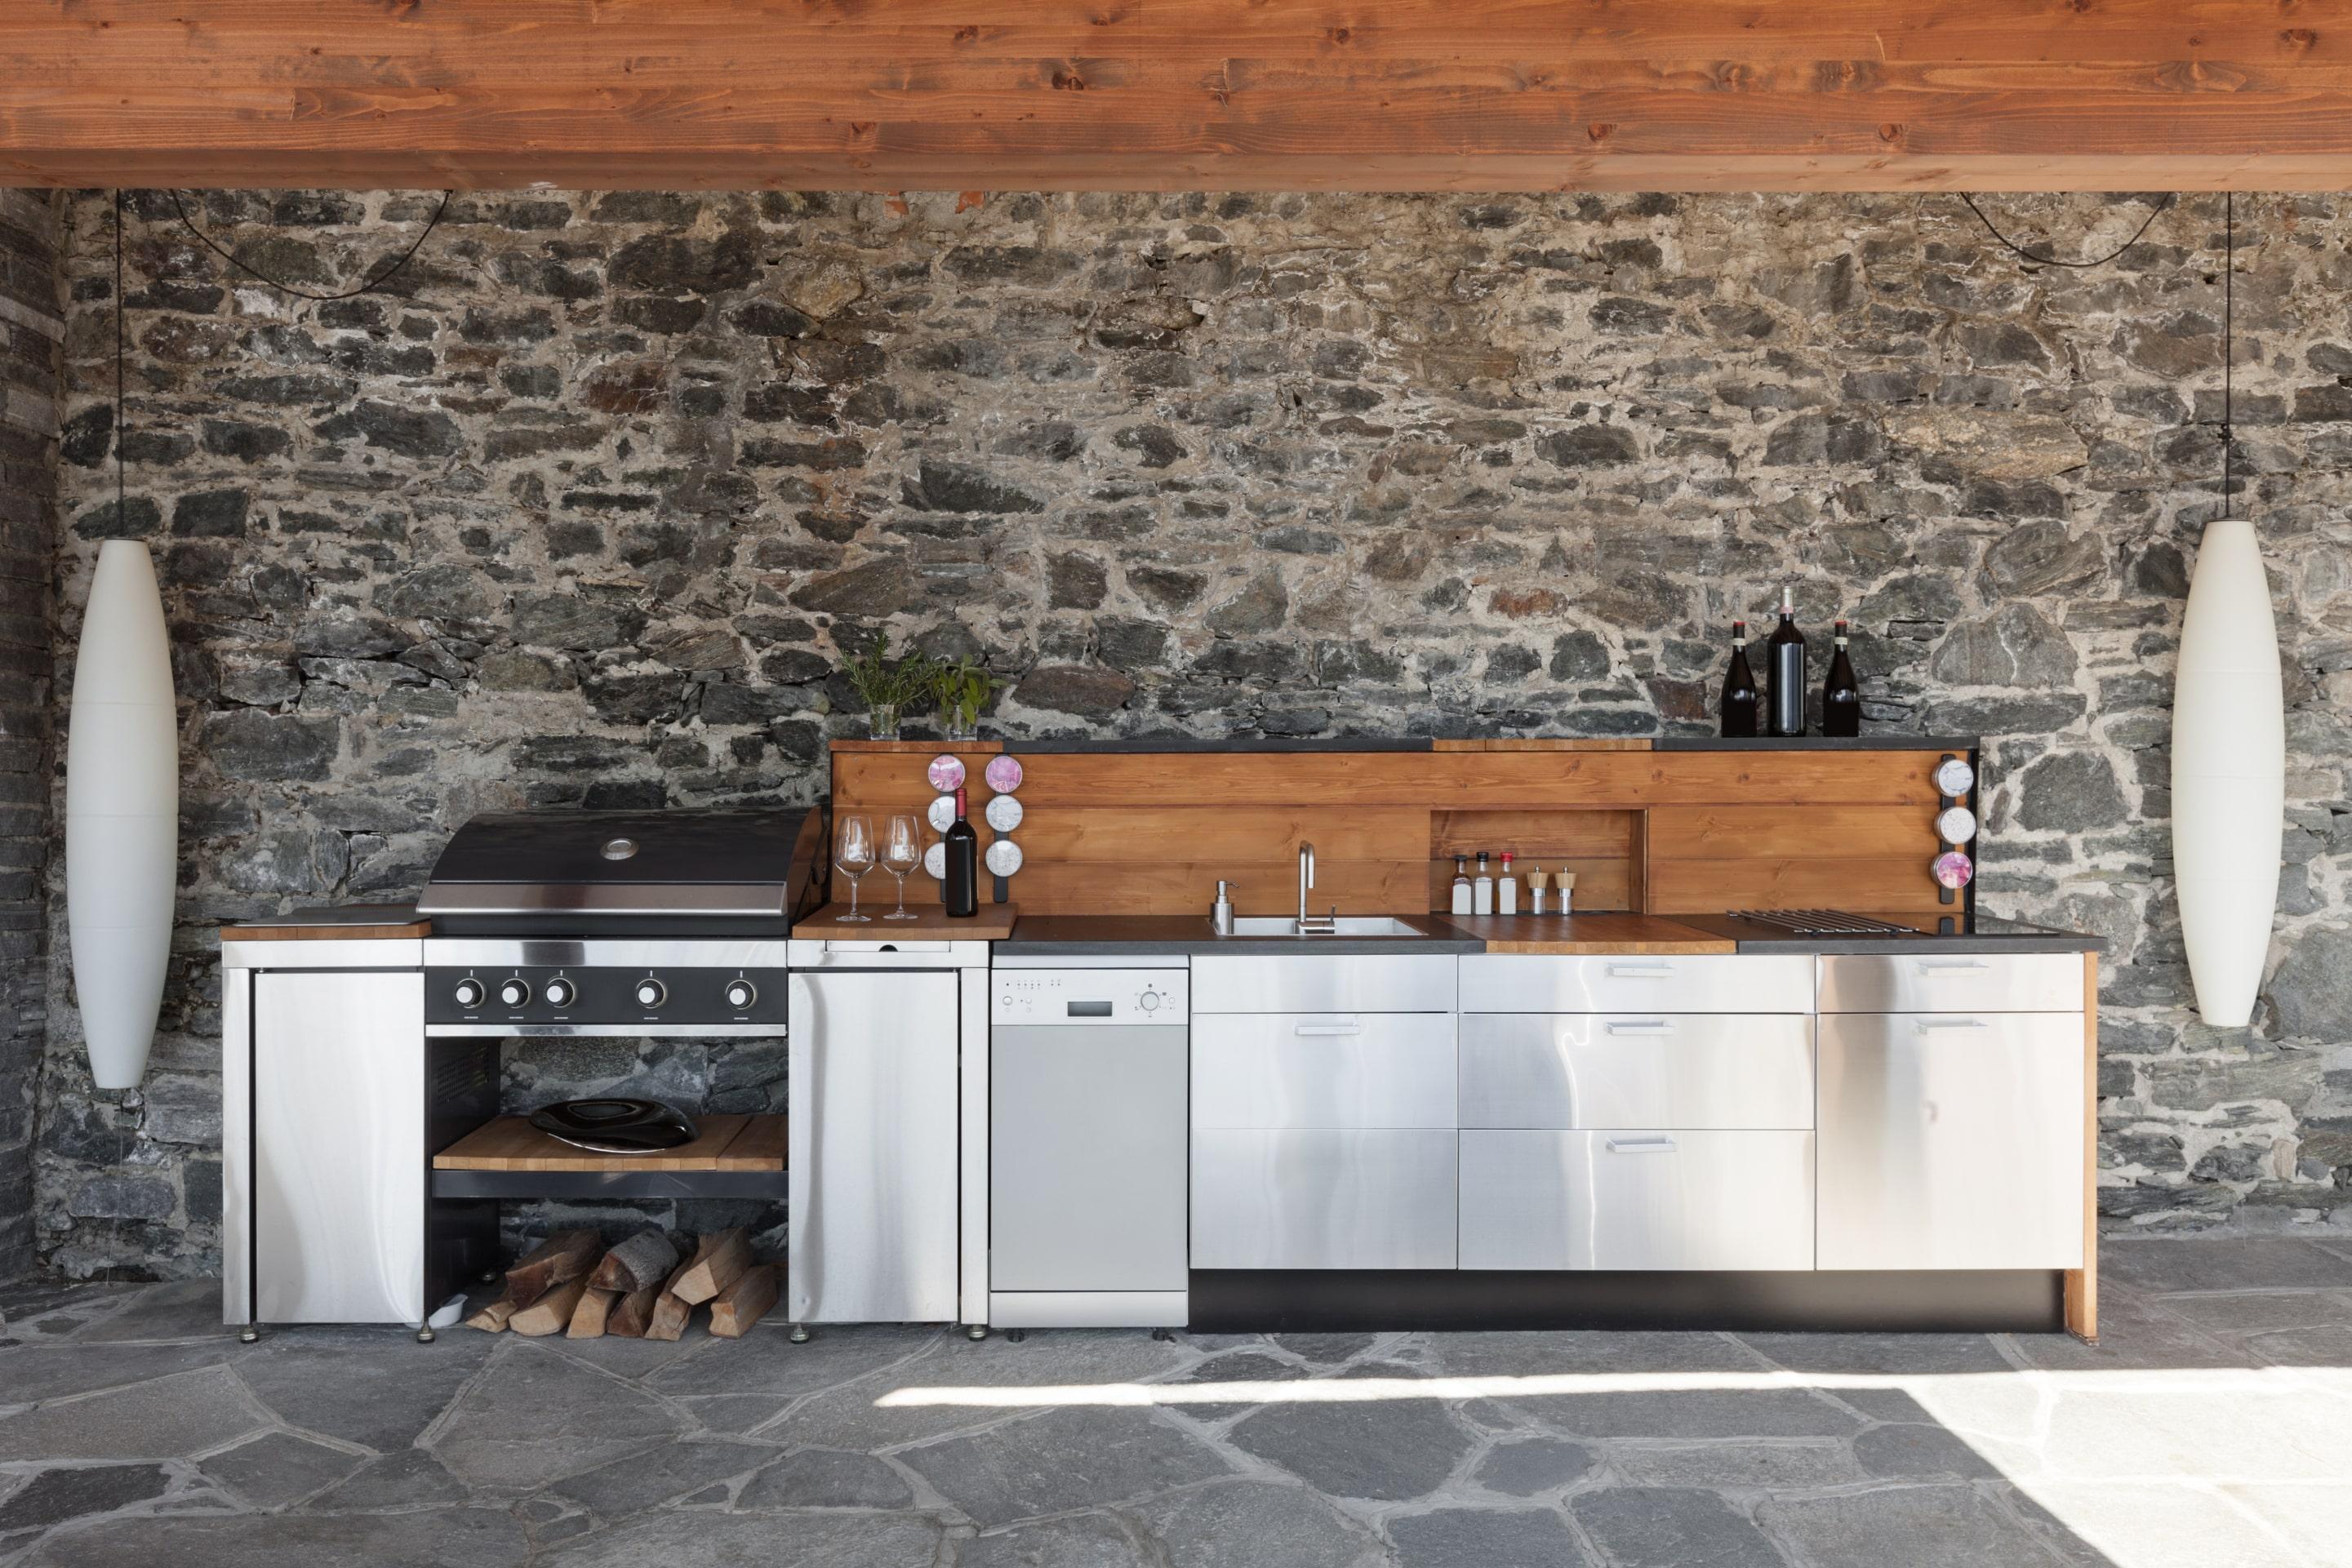 Evier Pour Cuisine D Été conseils d'aménagement d'une cuisine extérieure